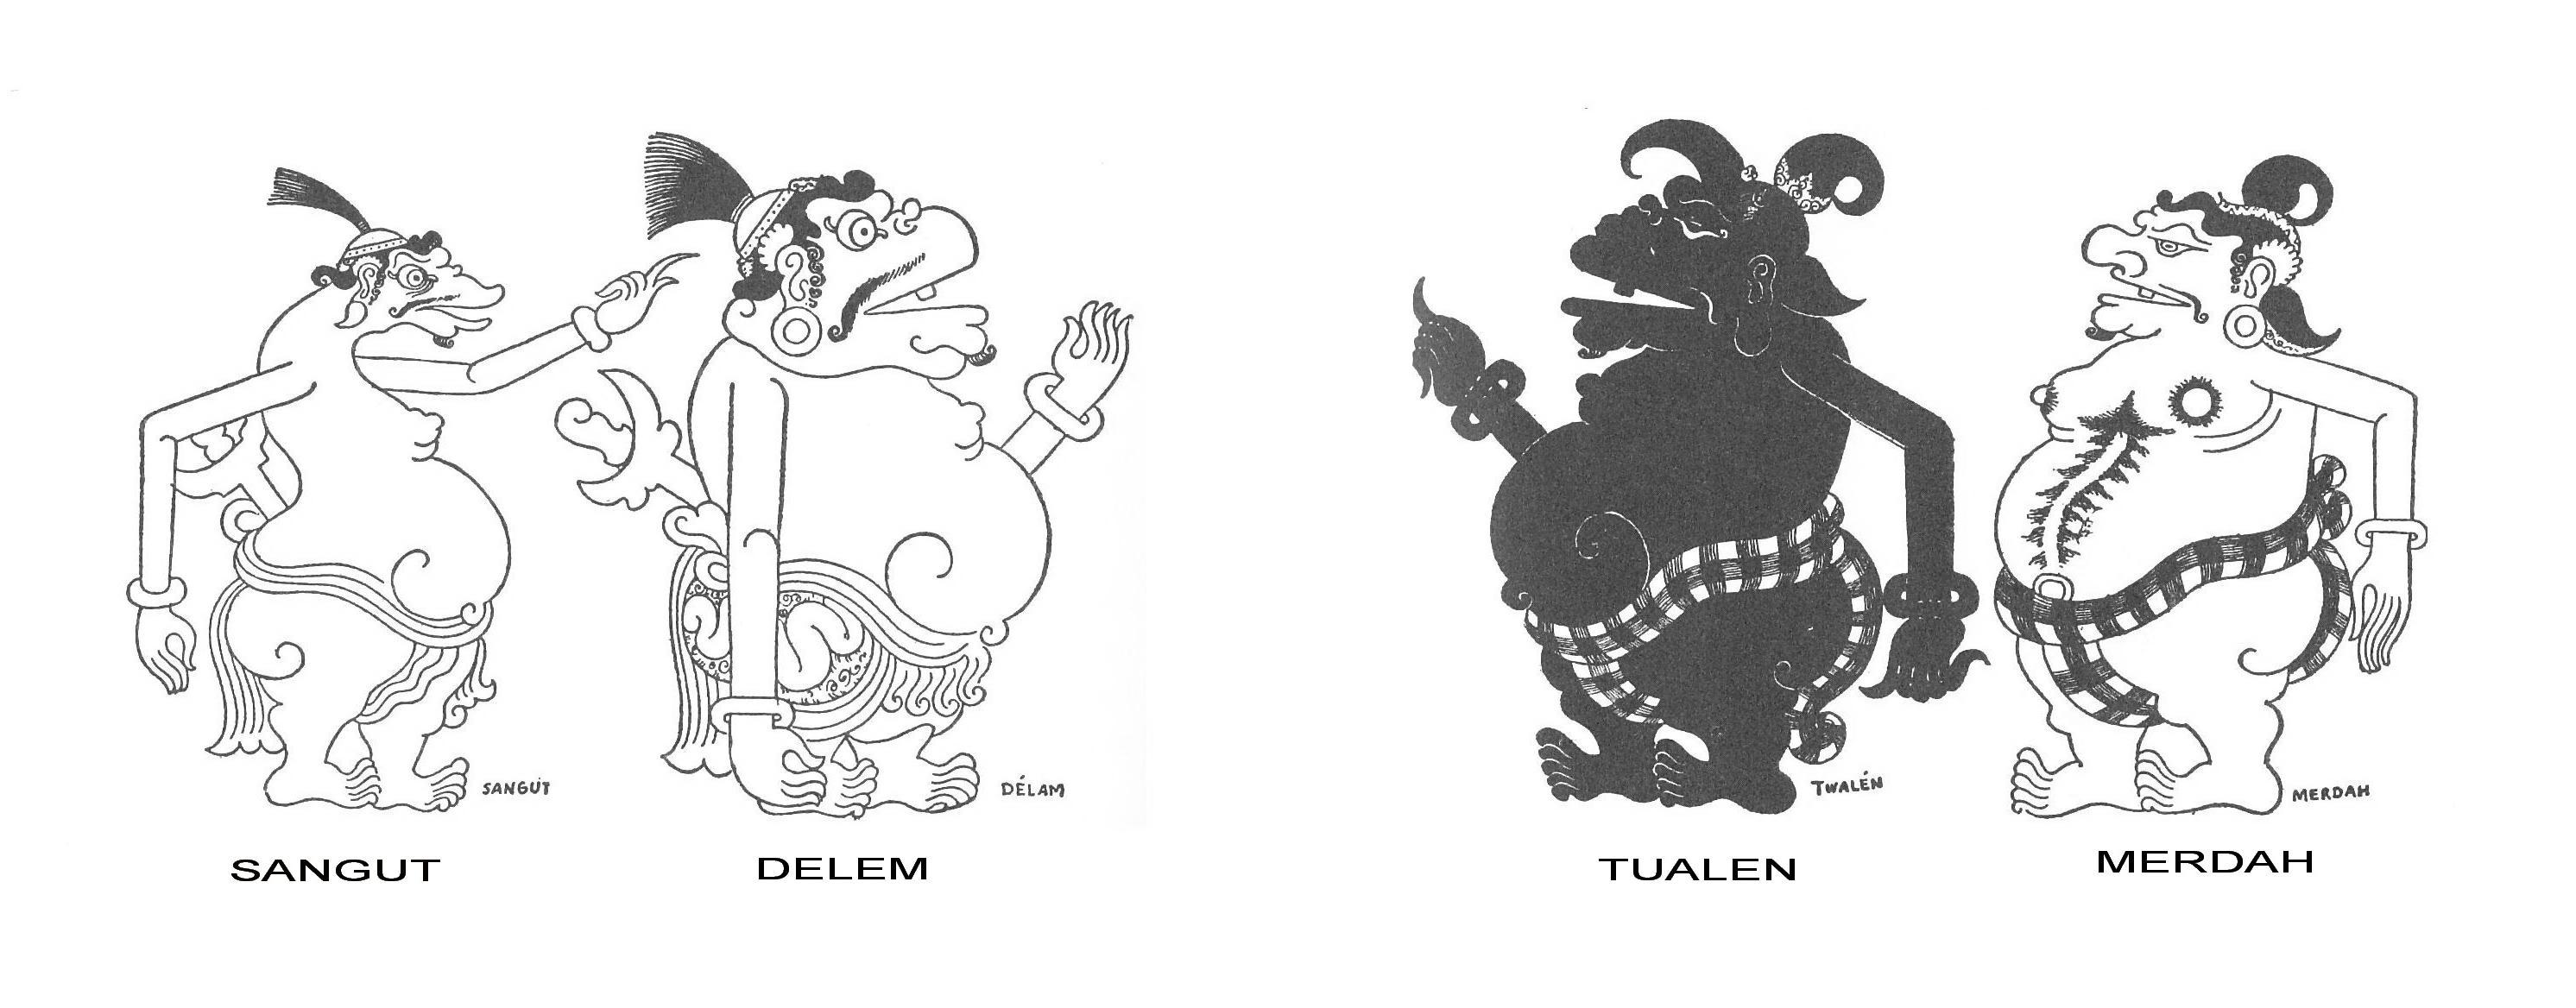 Wayan Bali sketsa Miguel Covarrubias